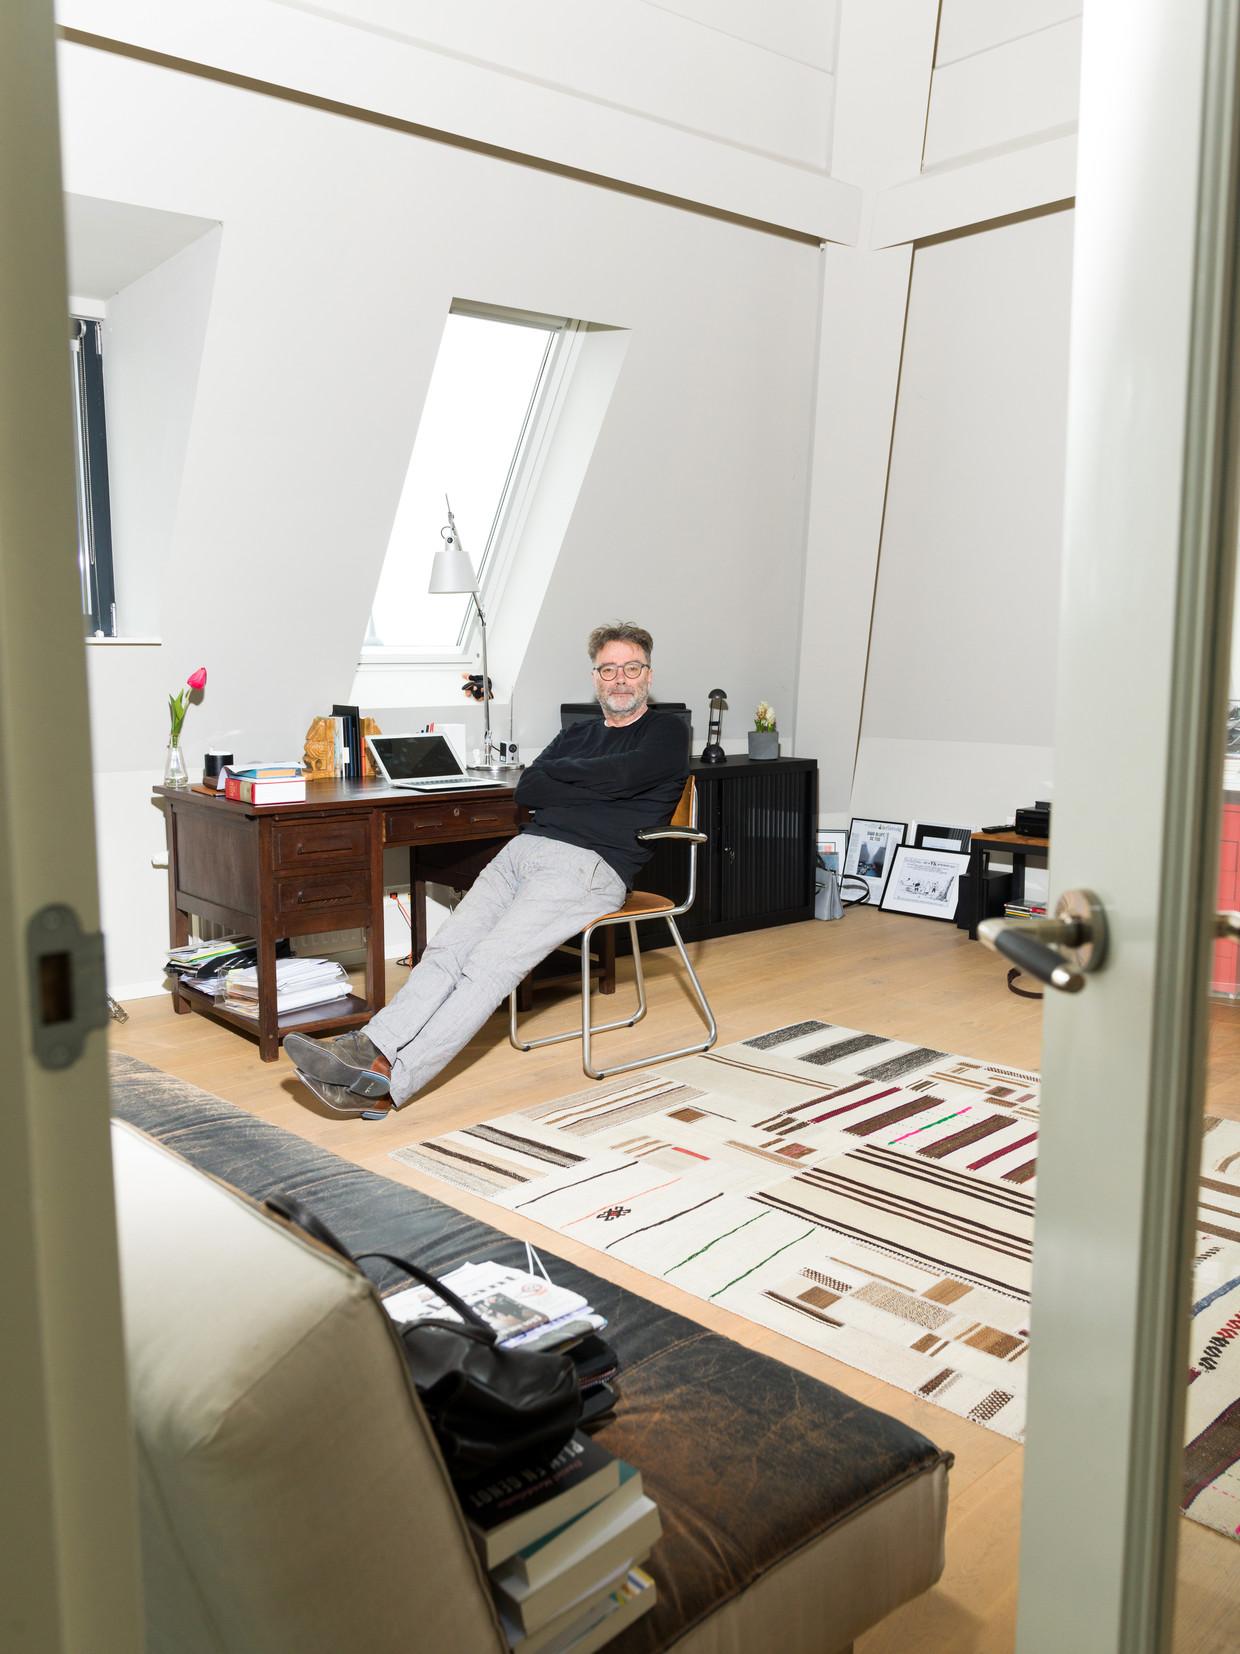 'Er bevinden zich in mijn kamer veel ongerealiseerde plannen, en dat is prettig, het geeft de toekomst perspectief.' Beeld Ivo van der Bent